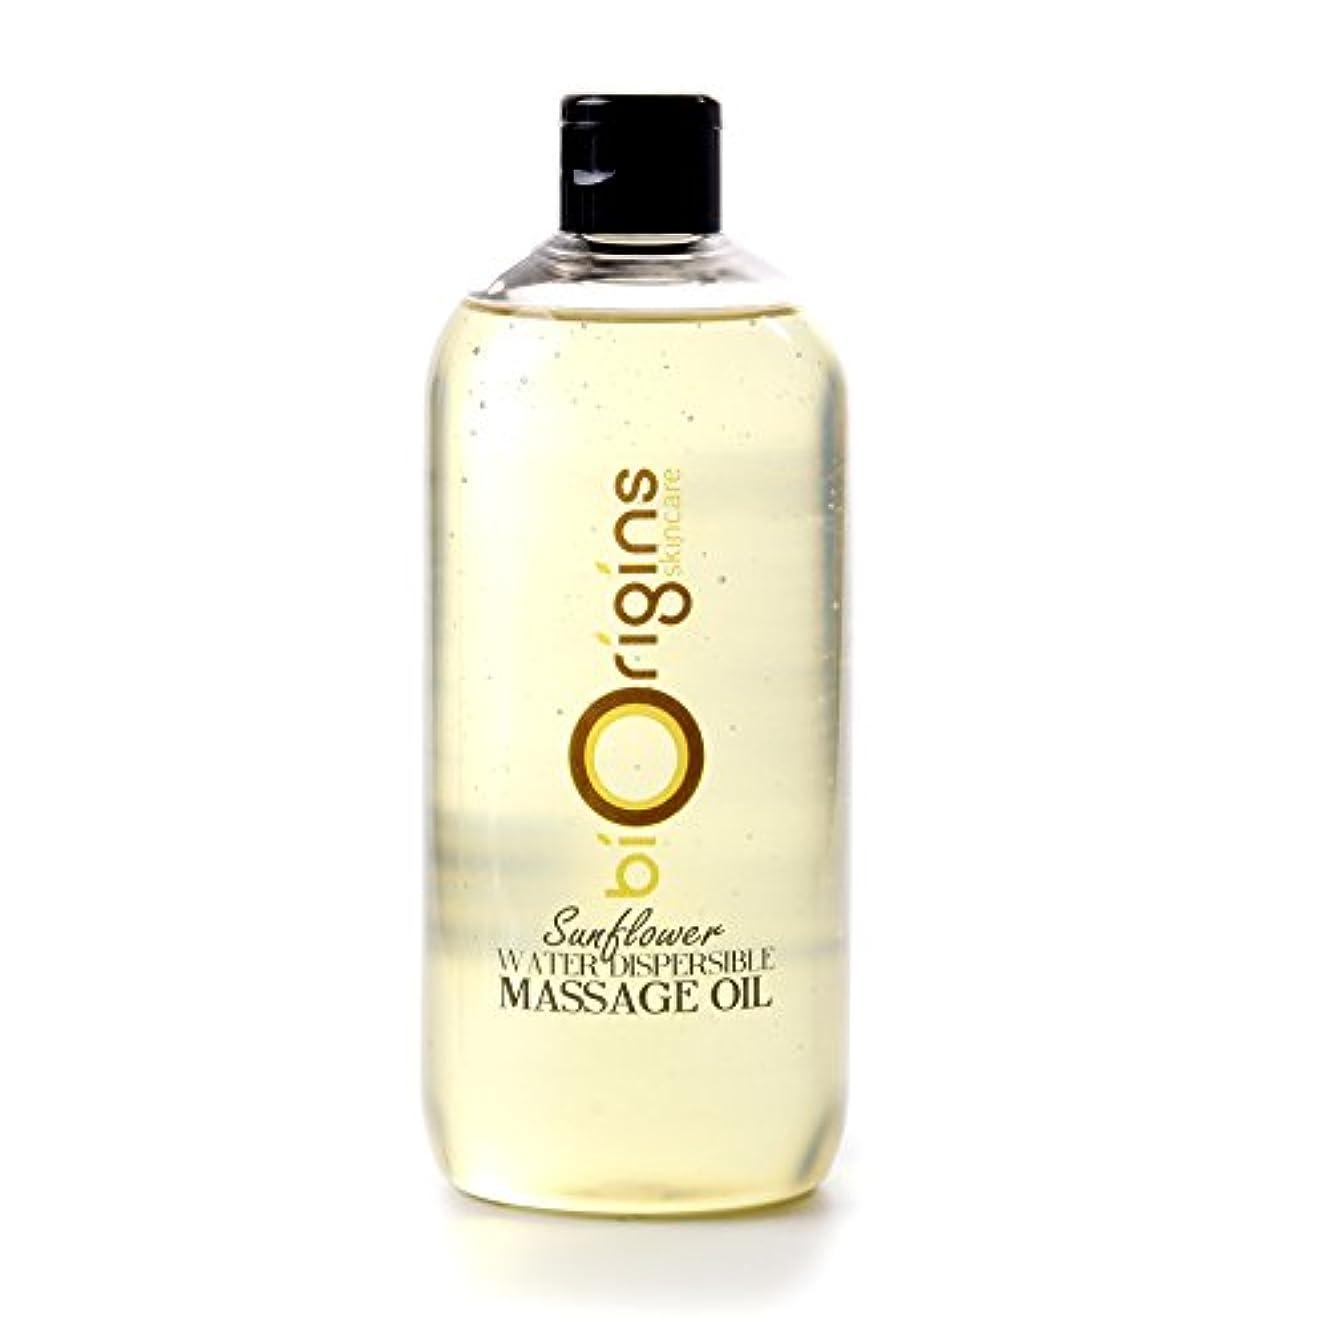 戦闘フェンス異議Sunflower Water Dispersible Massage Oil - 500ml - 100% Pure